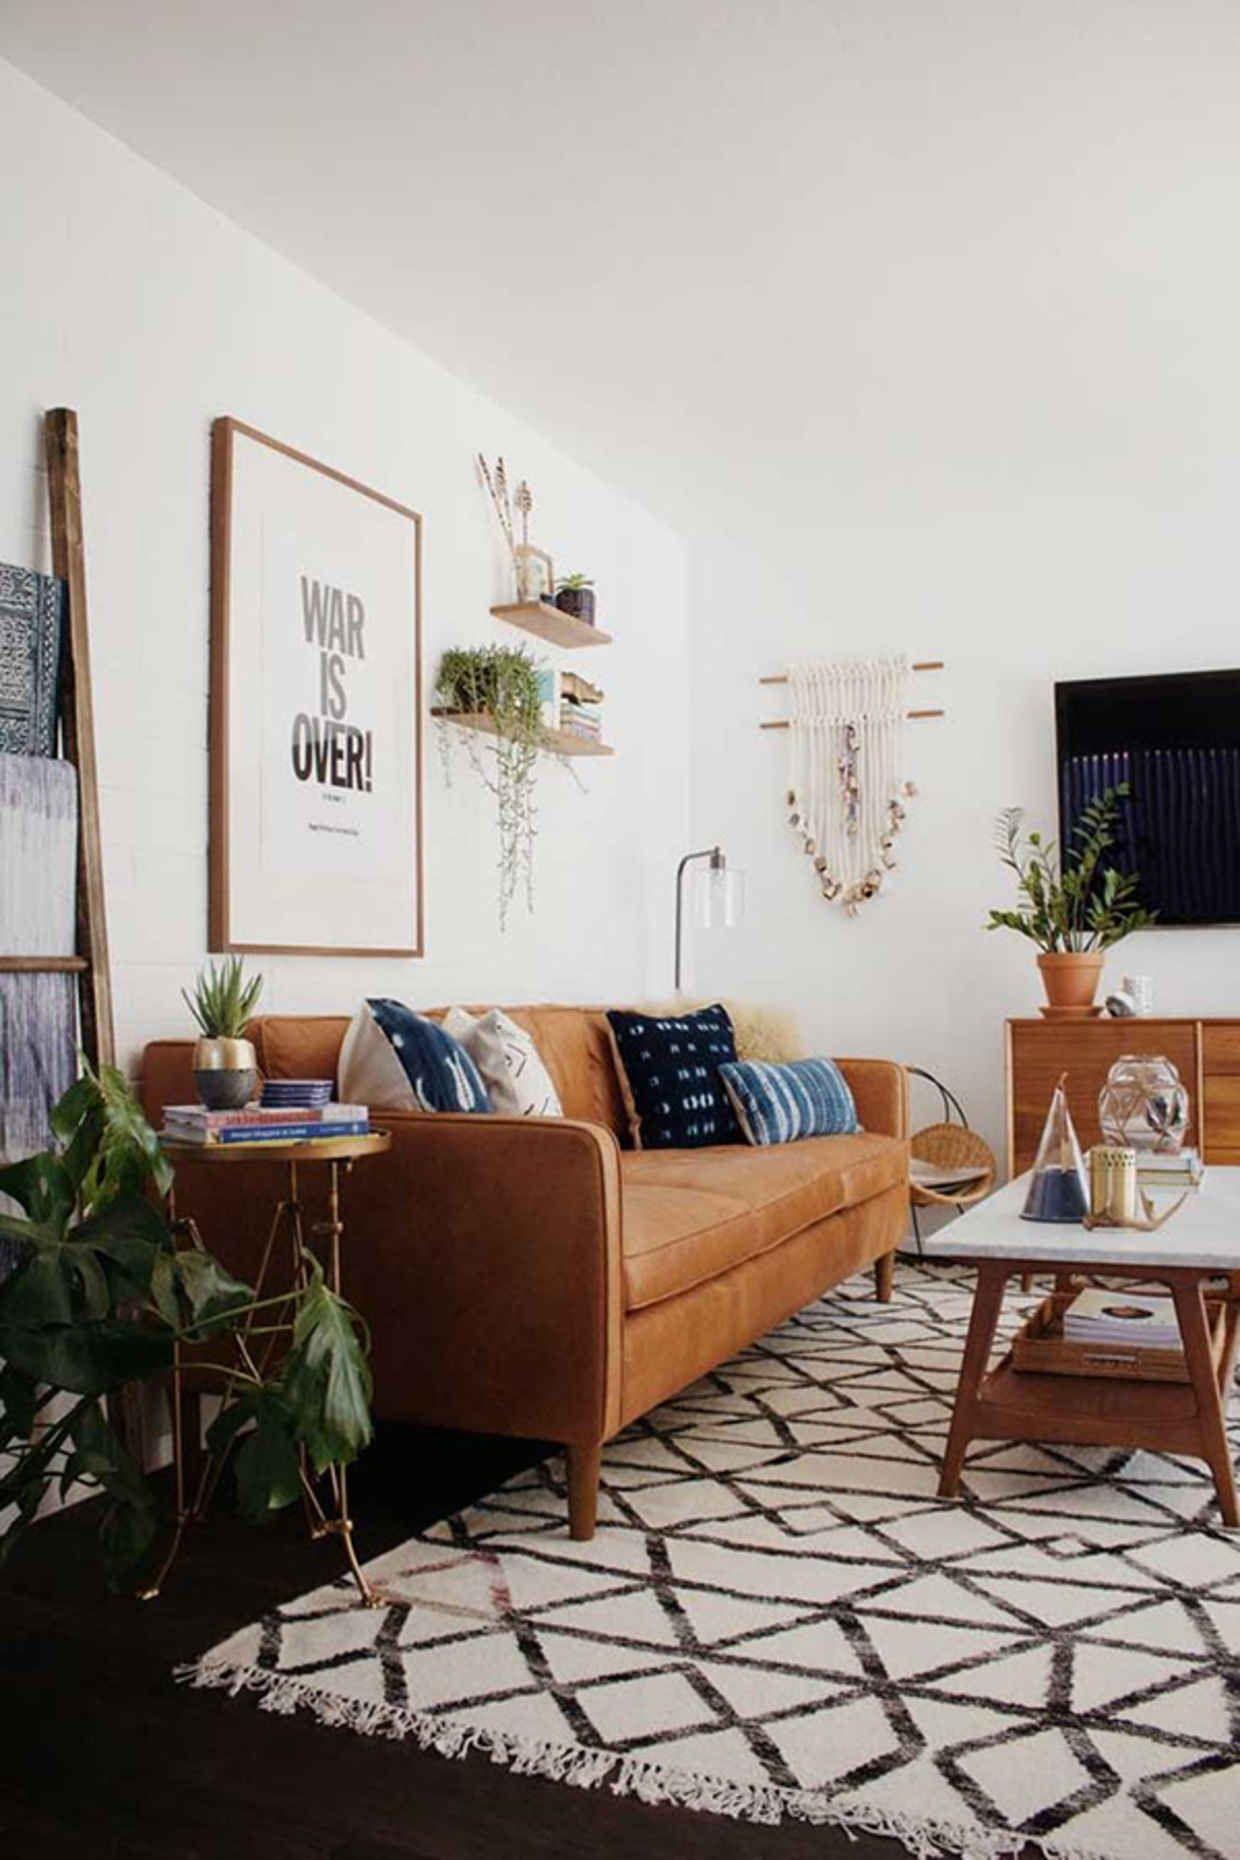 des astuces pour creer un interieur de style scandinave